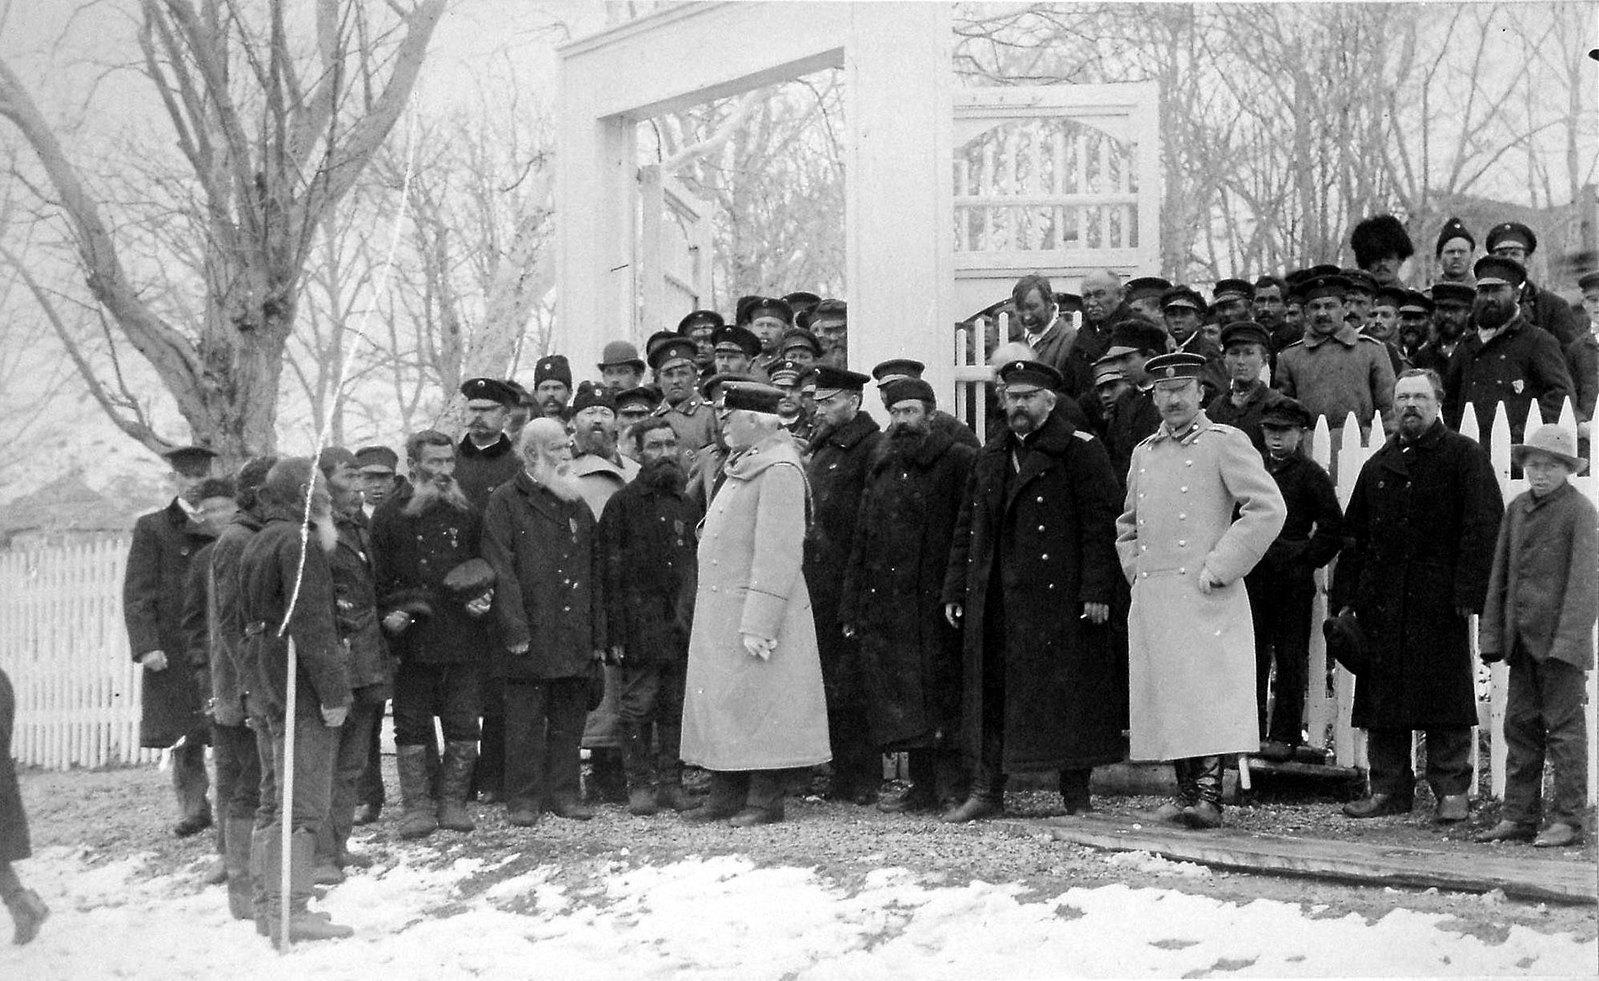 1897. Беседа Приамурского Генерал-Губернатора С. М. Духовского со стариками Петропавловска, участвовавшими в сражении 24 Августа 1854 г